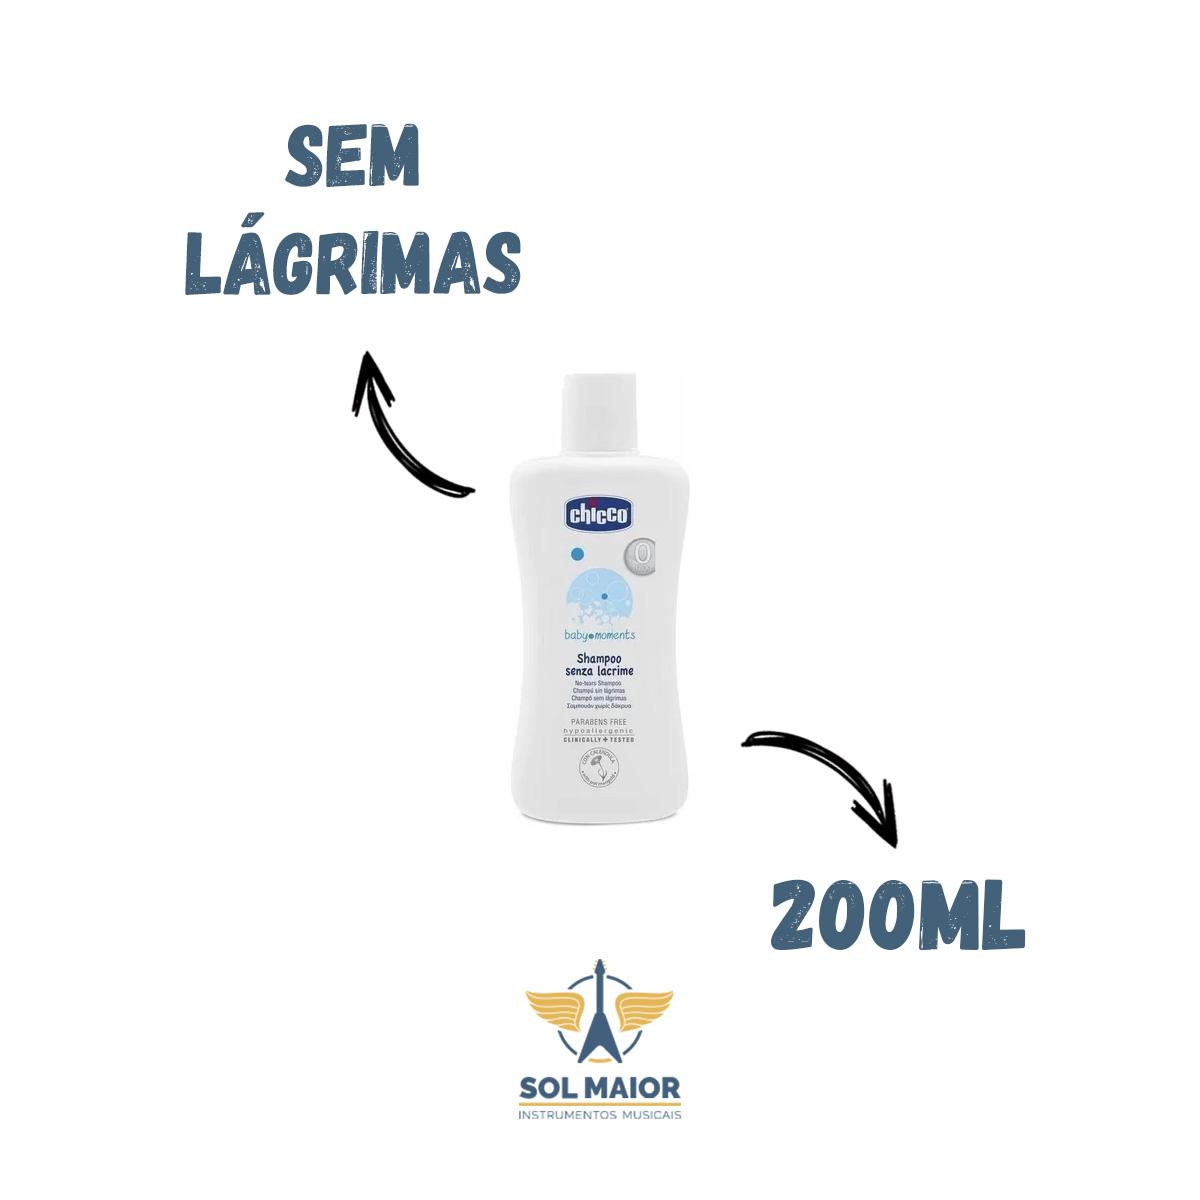 Shampoo Sem Lágrimas 200 ml - Chicco